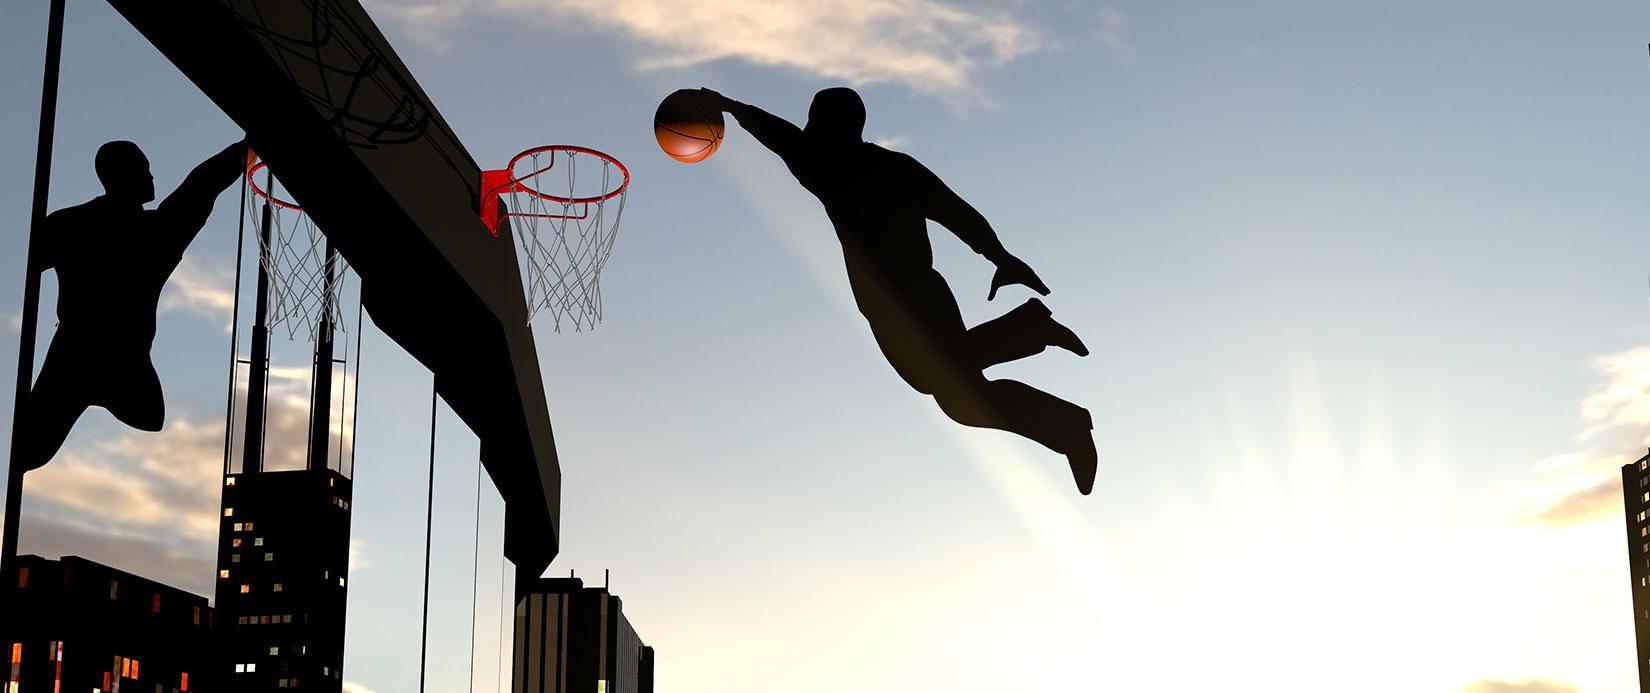 Pramata-blog-slam-dunk.jpg